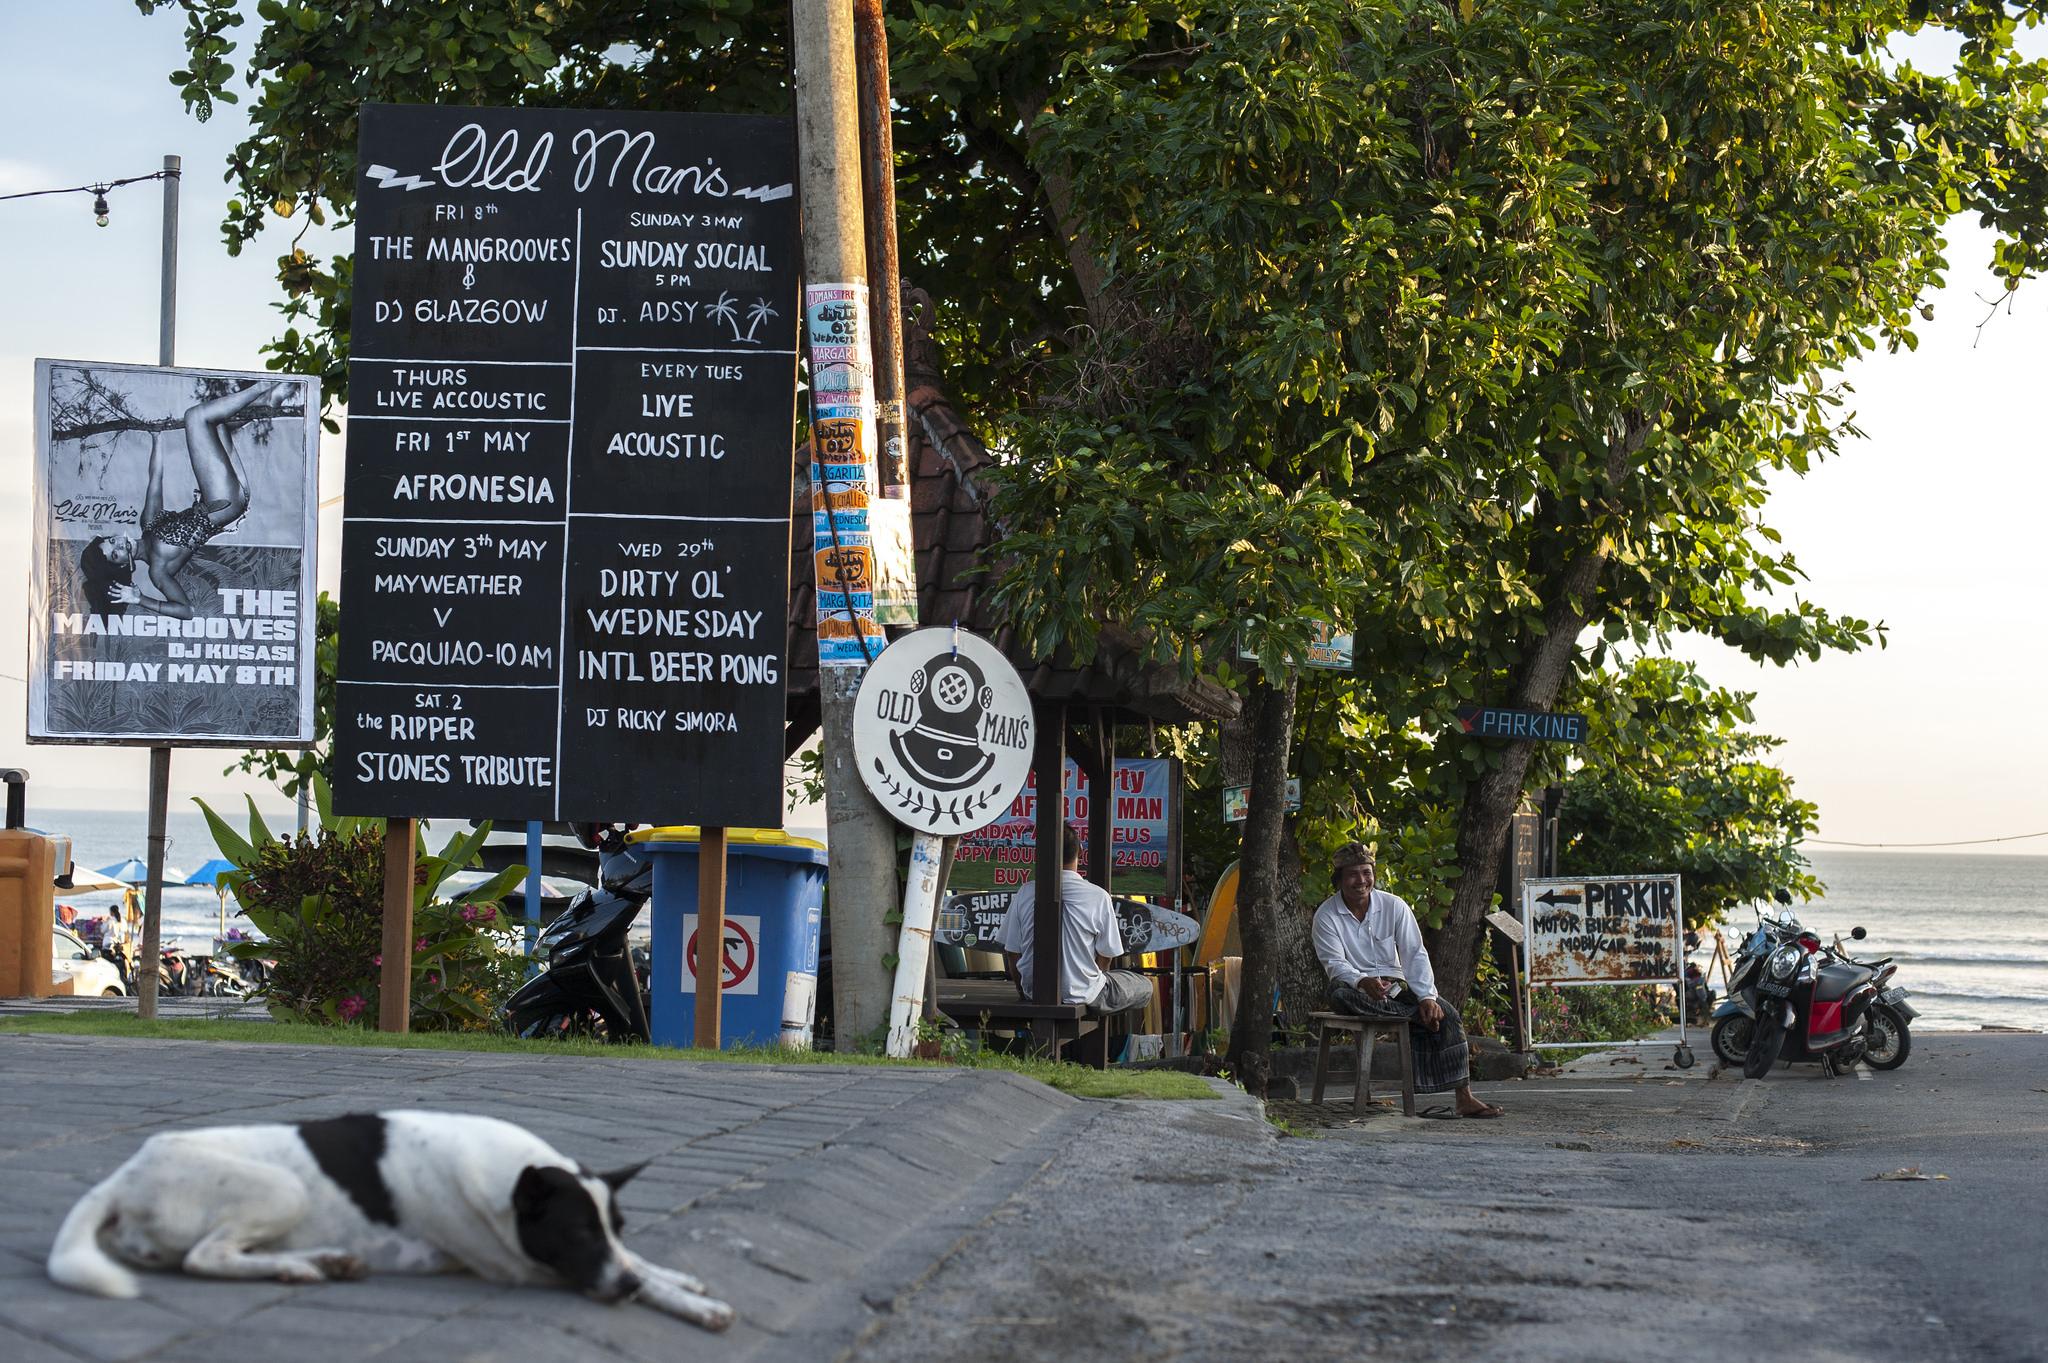 old-mans-canggu-bali-beach-bar